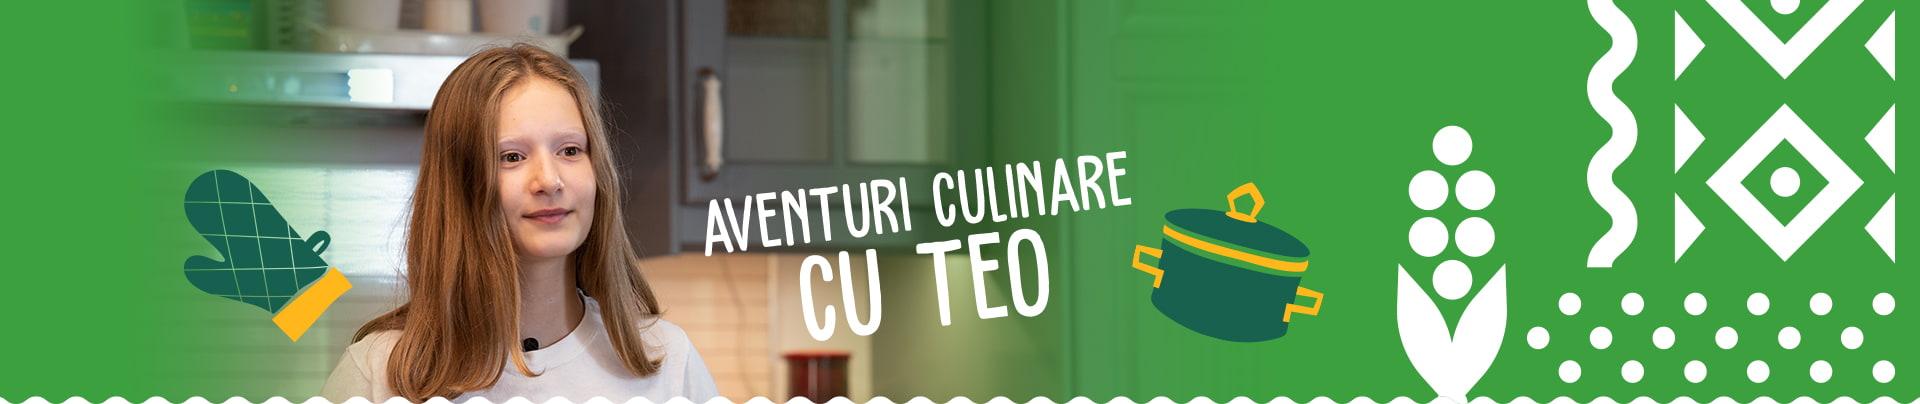 Header Aventuri Culinare Cu Teo